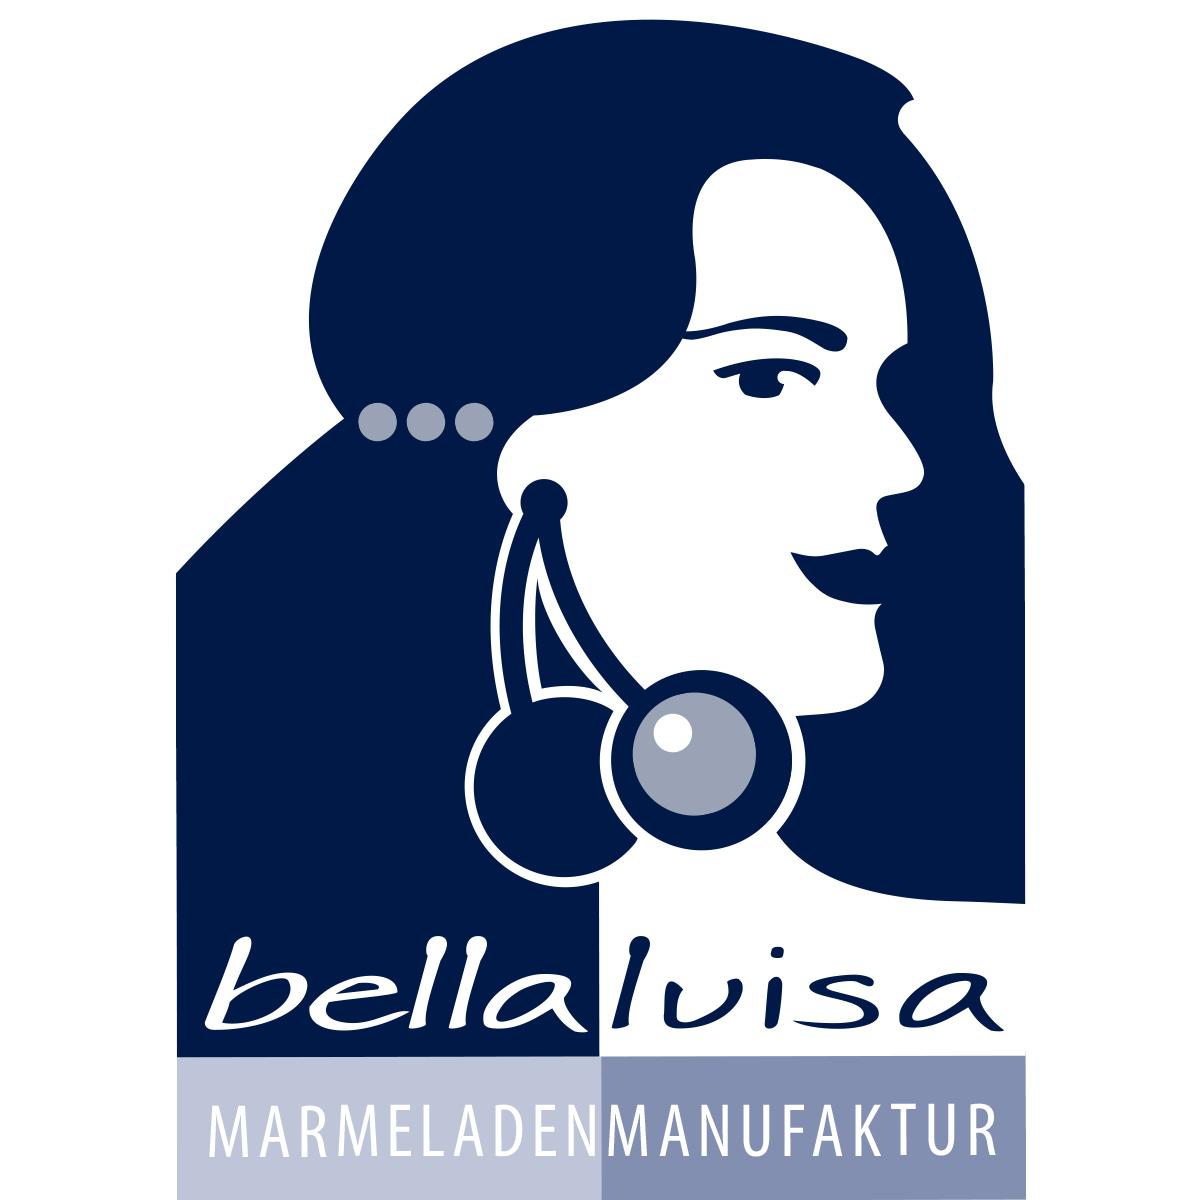 Logo erstellen: Marmeladenmanufaktur Bella Luisa